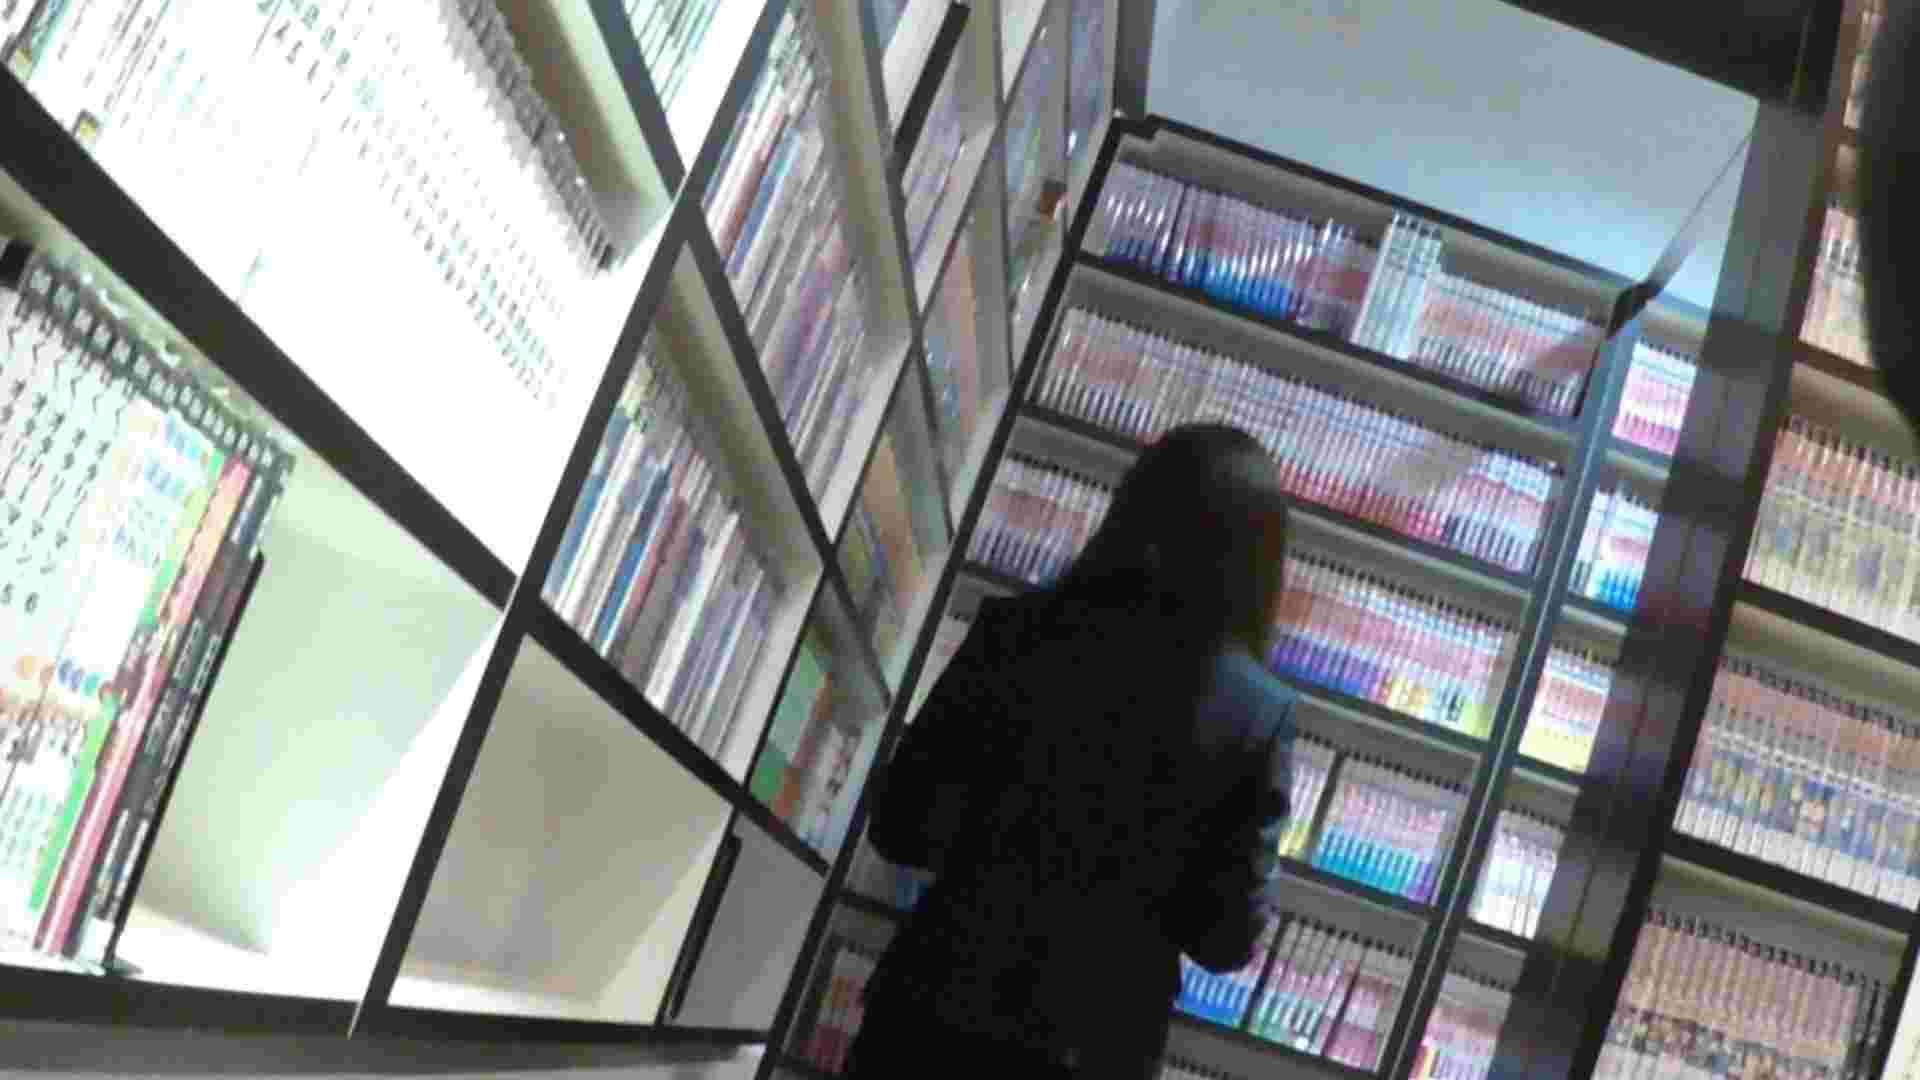 悪戯ネットカフェ Vol.04 タンポンチェンジ!!見っちゃいました。 イタズラ  64pic 5